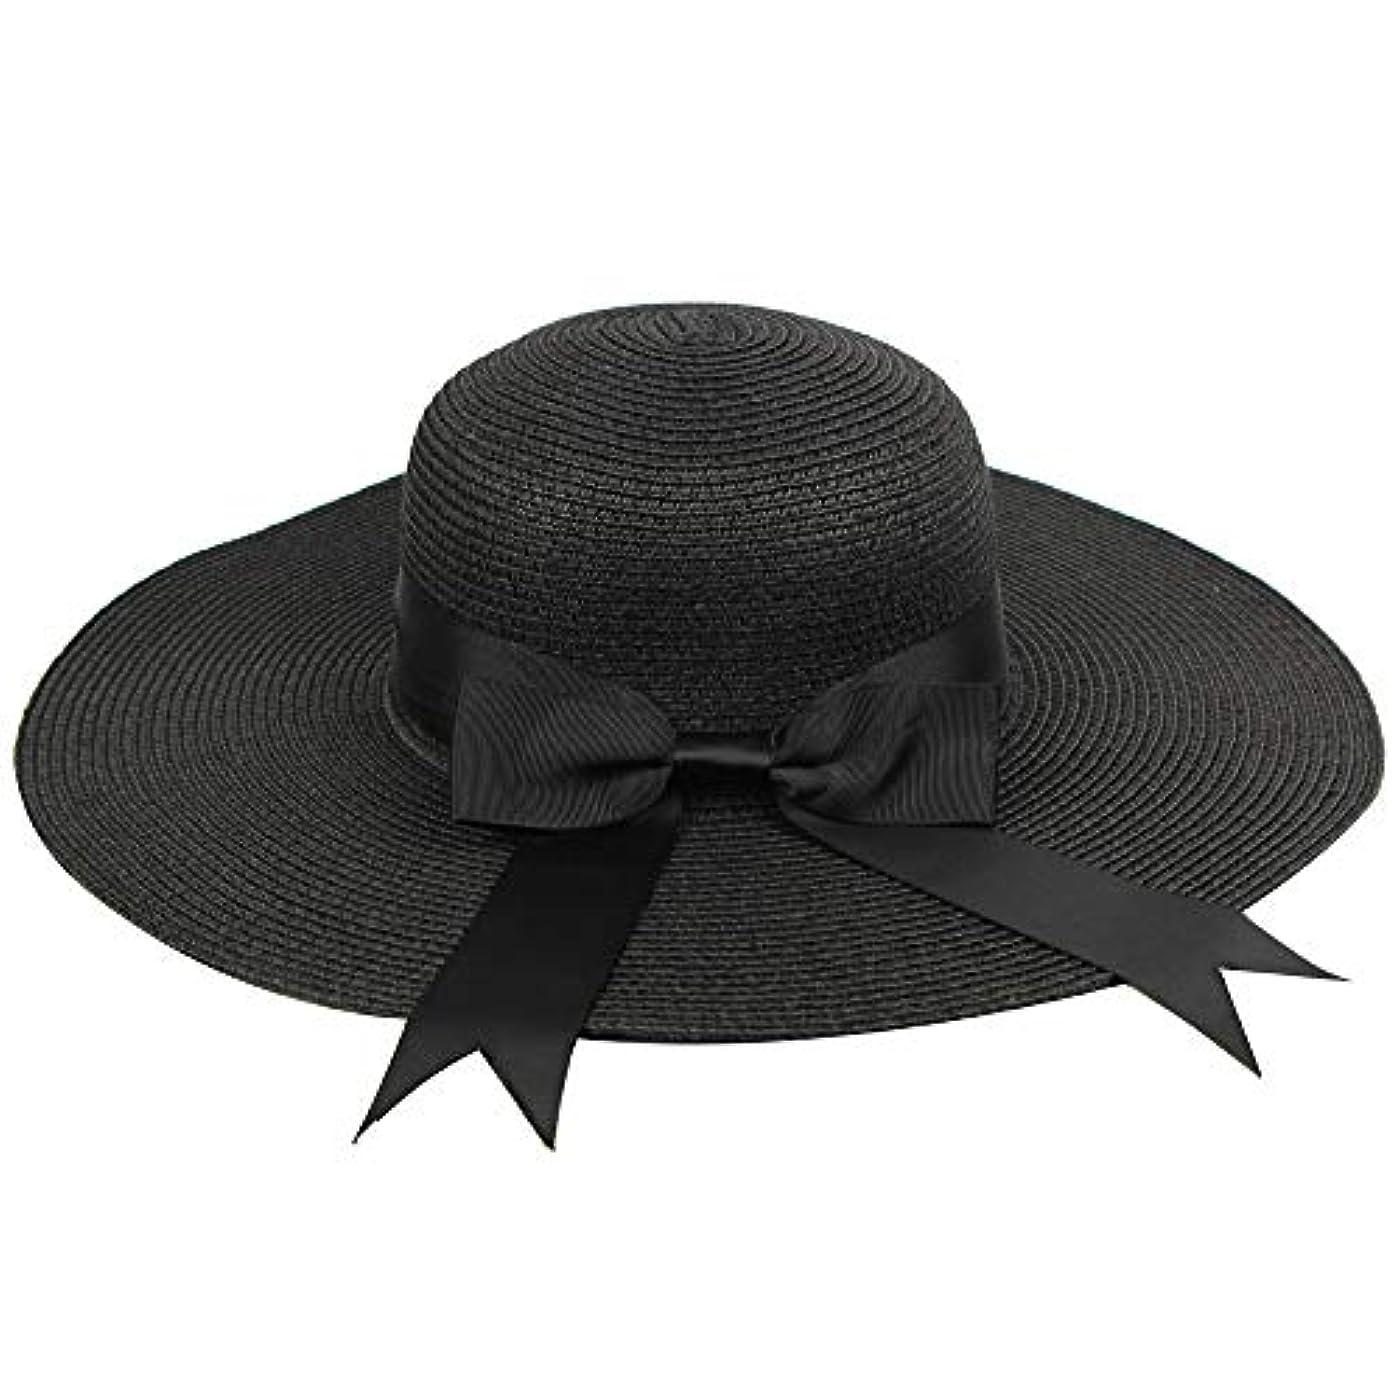 バーストもっと怪しいUVカット 帽子 ハット レディース 紫外線対策 日焼け防止 軽量 熱中症予防 取り外すあご紐 つば広 おしゃれ 広幅 小顔効果抜群 折りたたみ サイズ調節可 旅行 調節テープ 吸汗通気 紫外線対策 ROSE ROMAN